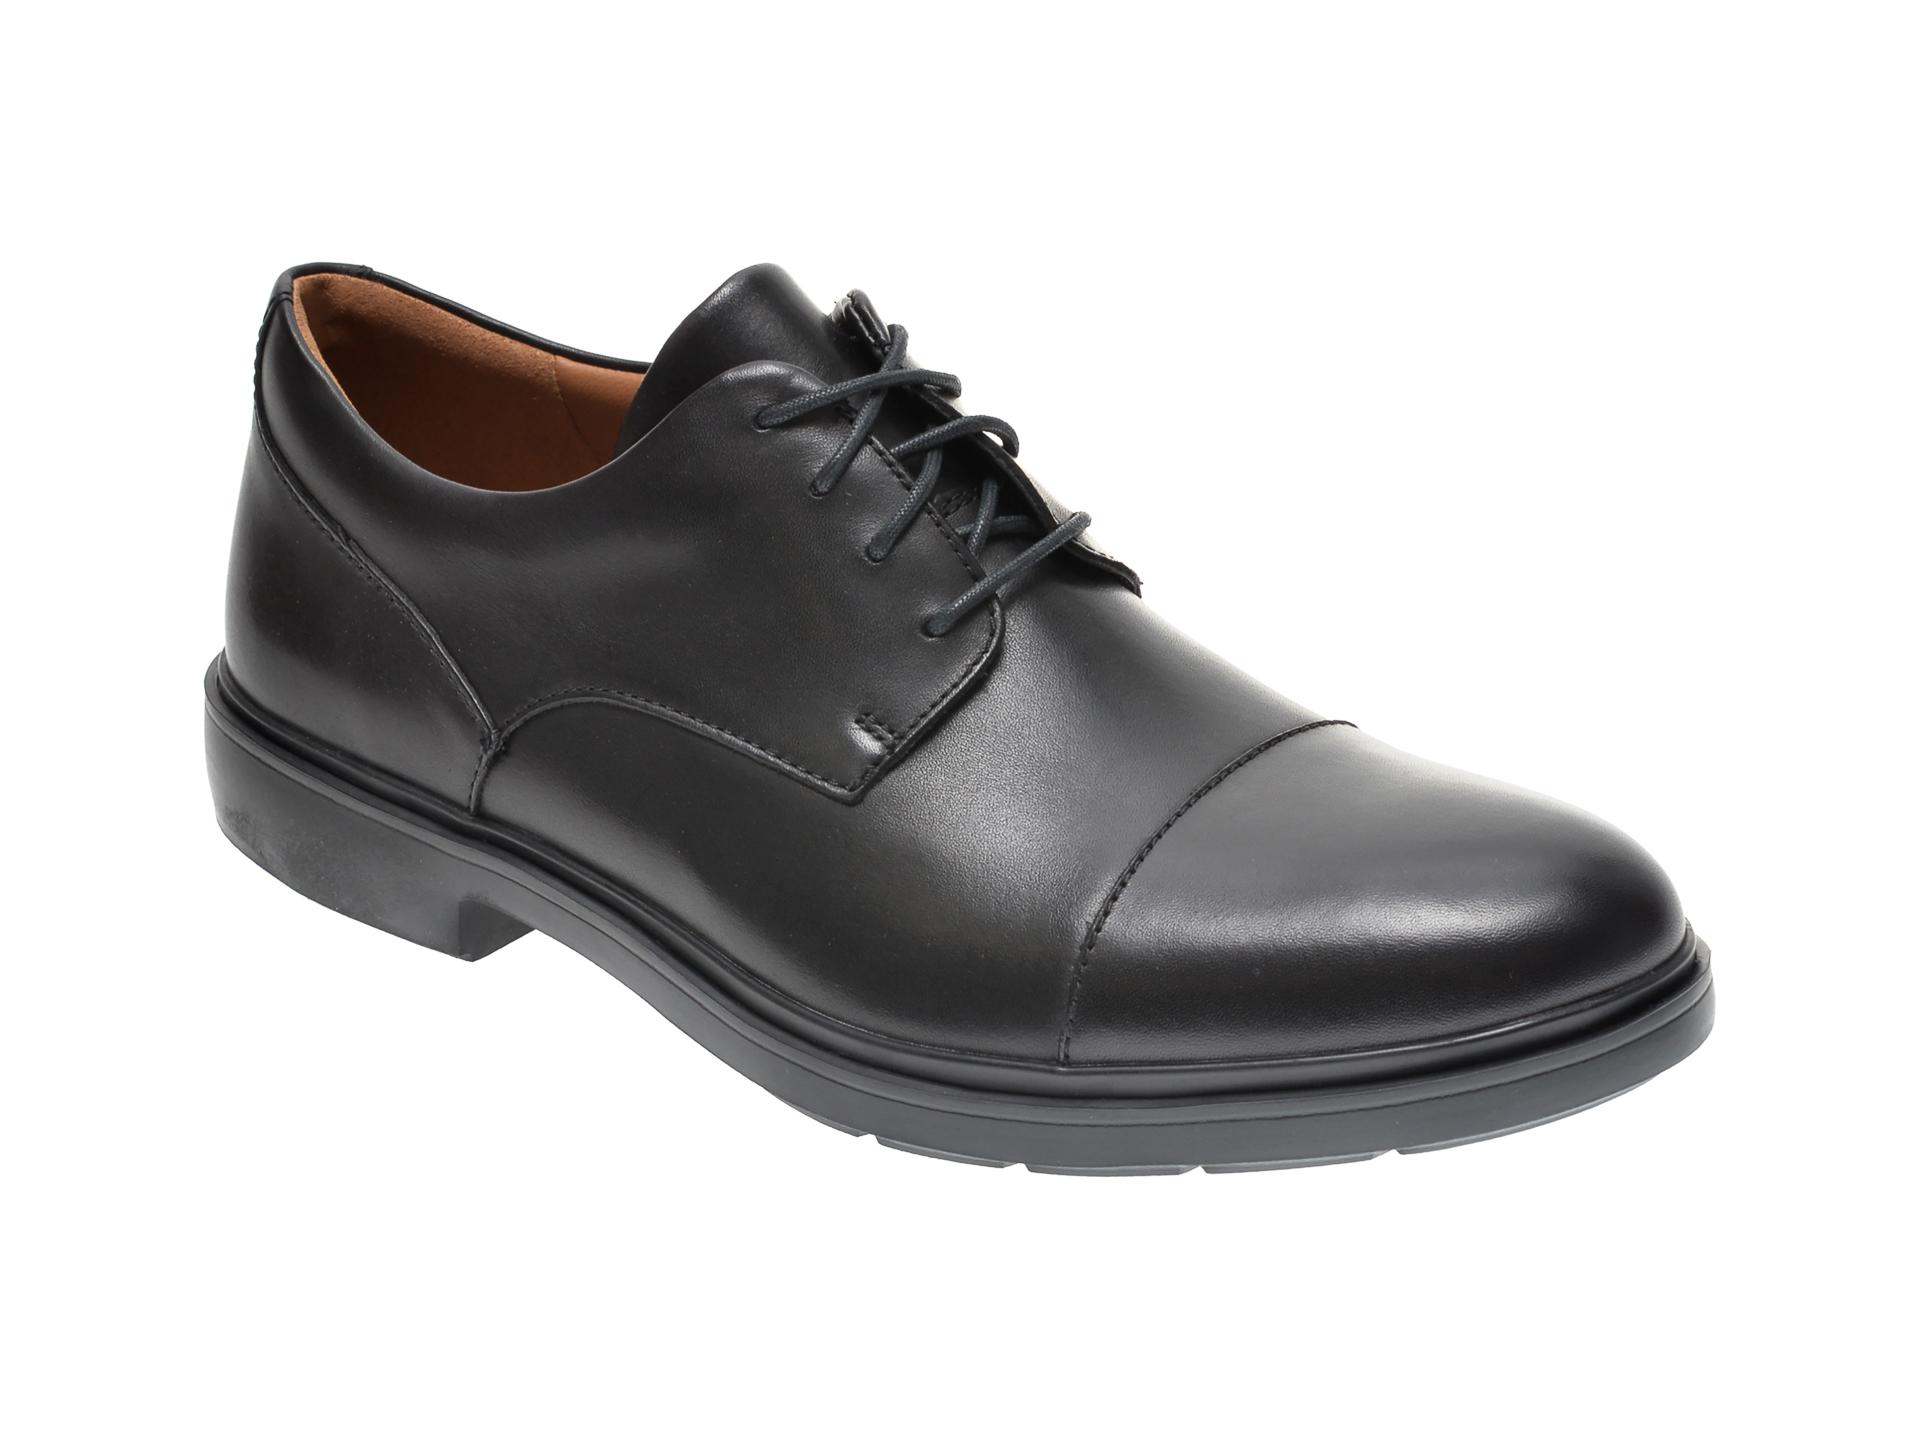 Pantofi CLARKS negri, UN TAILOR CAP, din piele naturala imagine